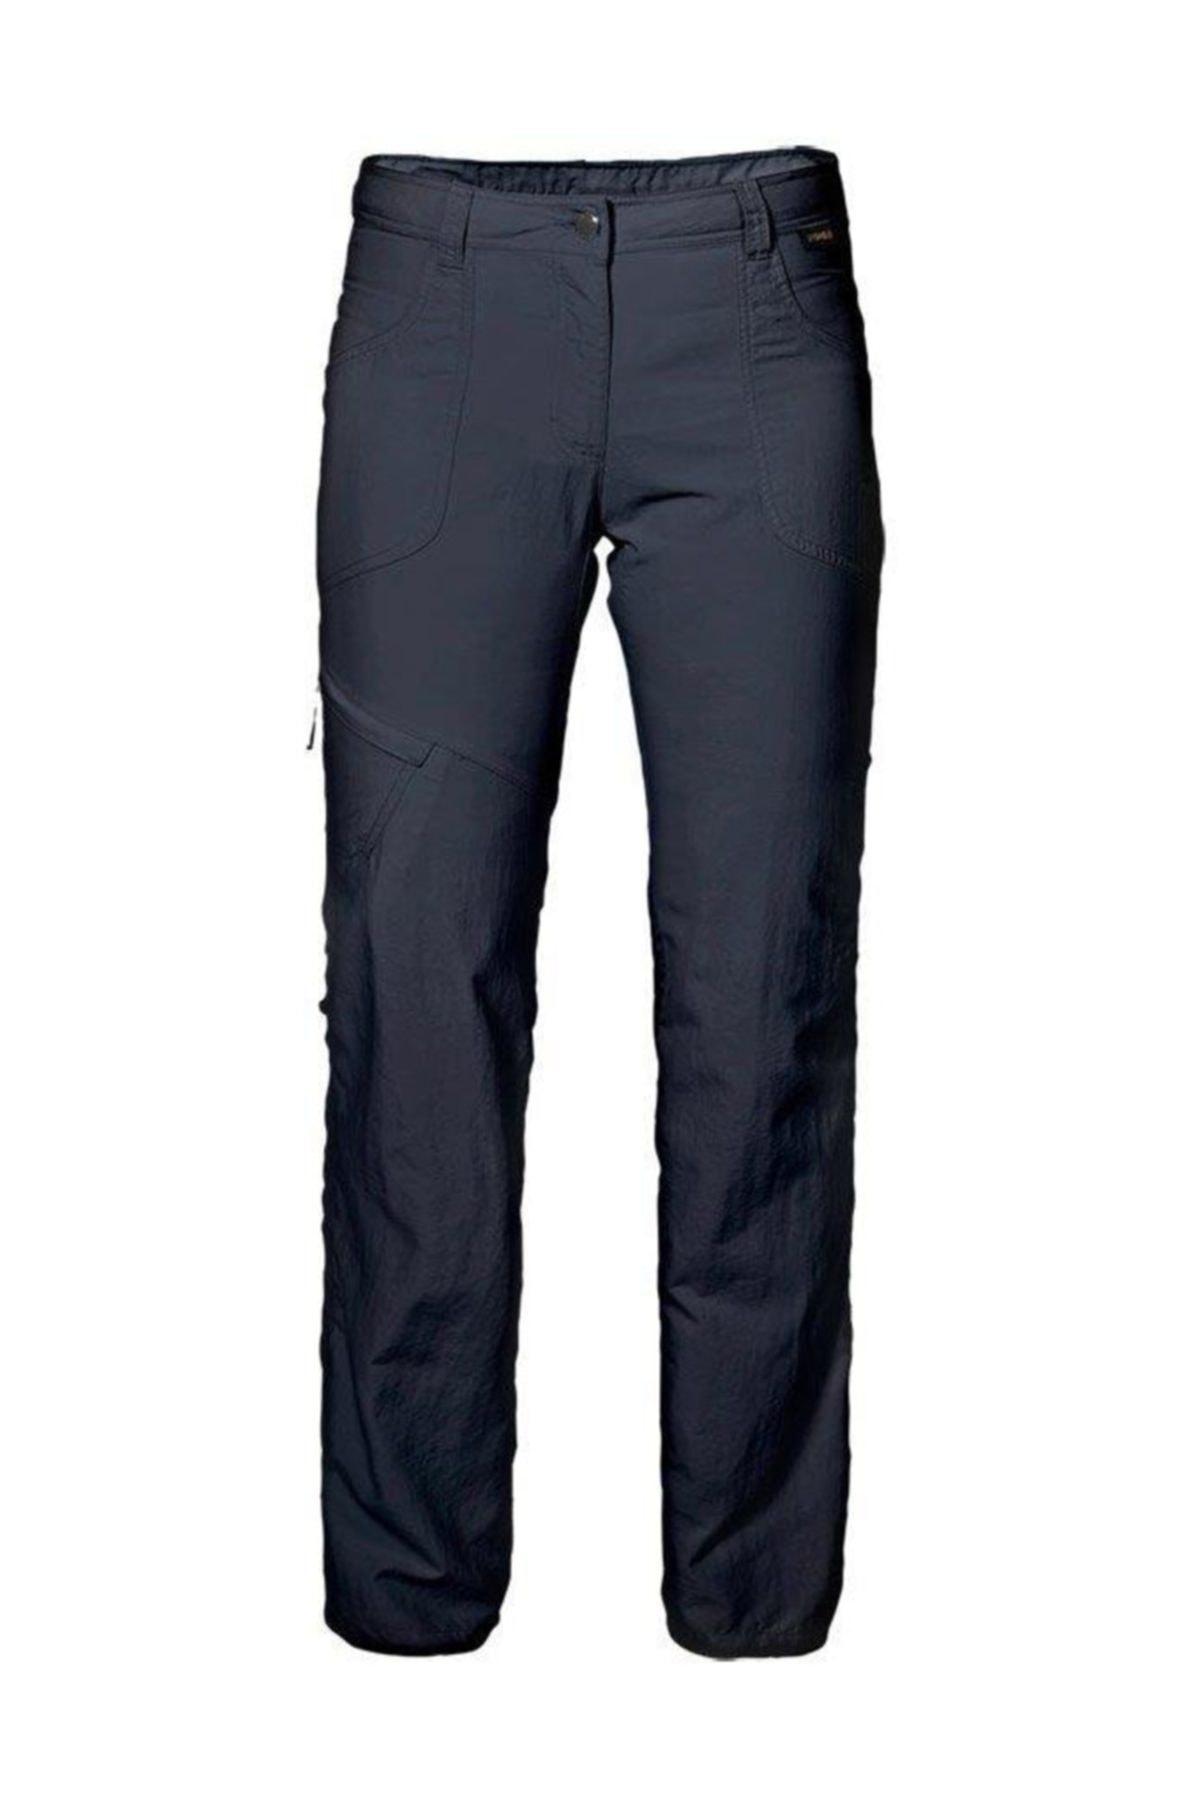 Jack Wolfskin Marakech Roll Up Kadın Pantolon - 1503691-1910 1